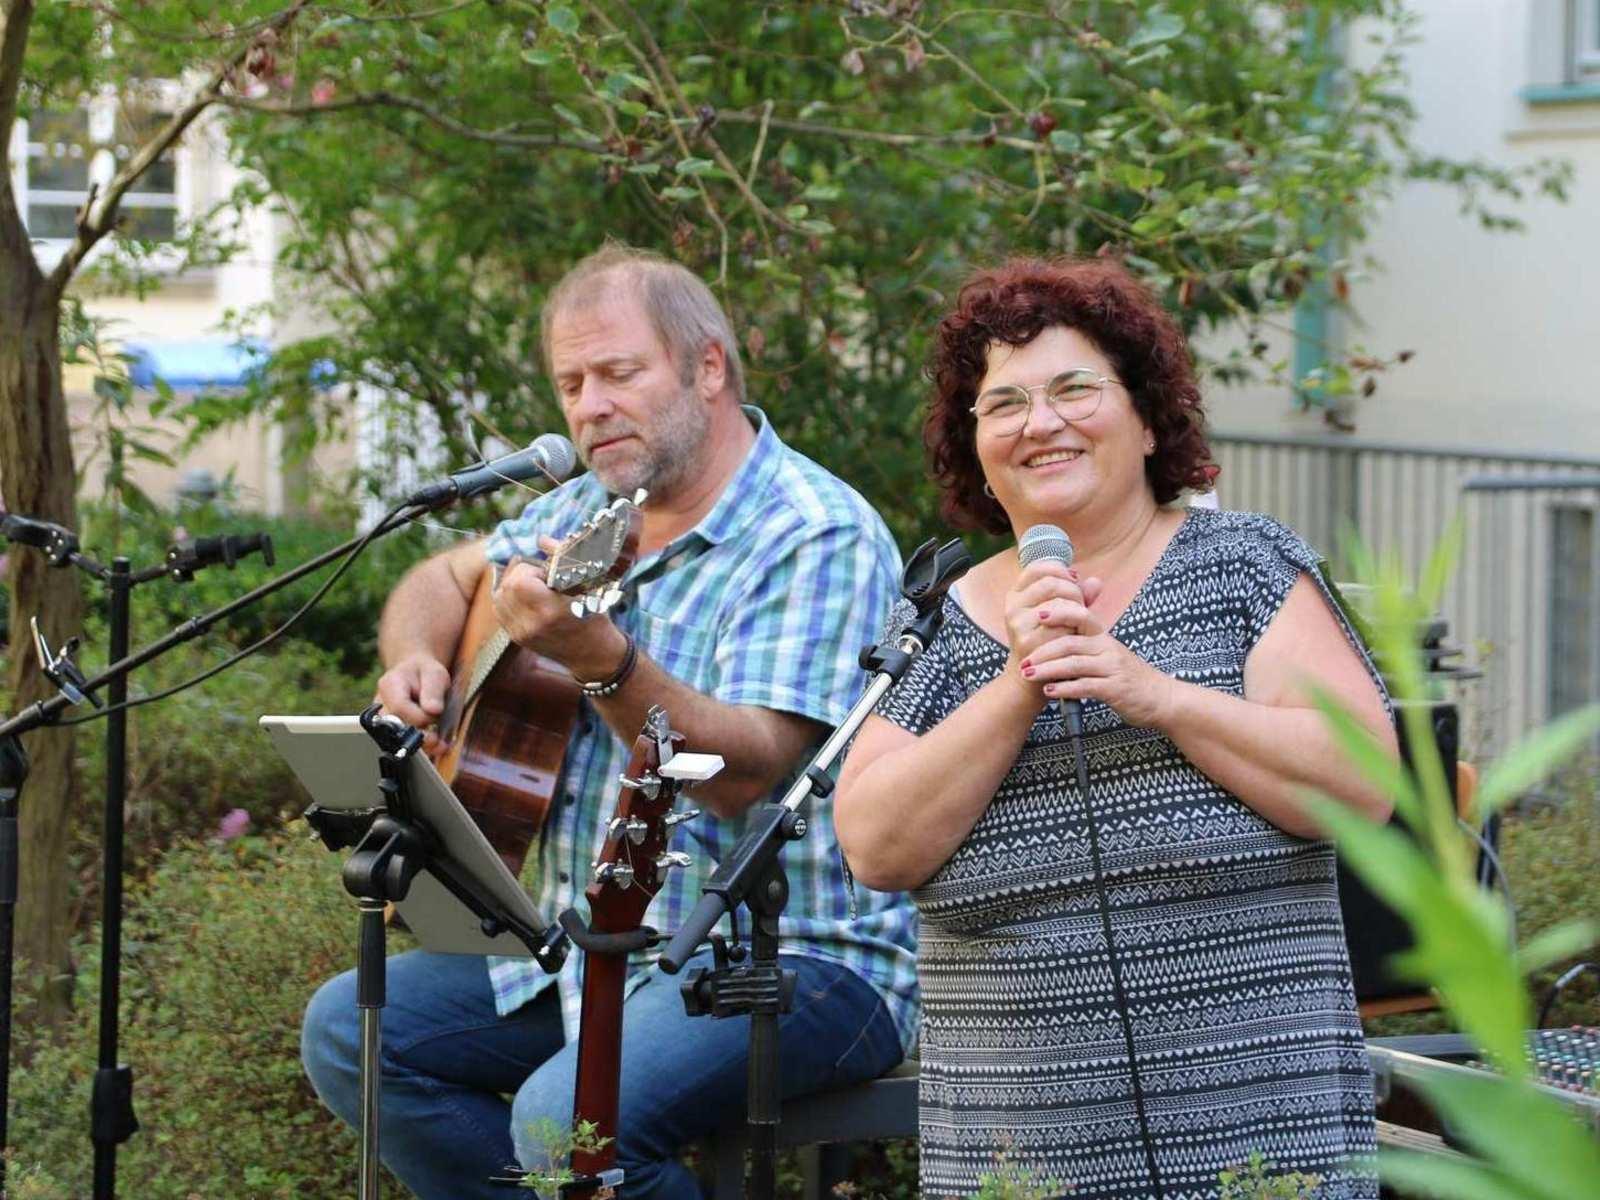 Ein Mann und eine Frau musizieren in einem Garten. Der Mann spielt Gitarre, die Frau singt mit einem Mikrophon.